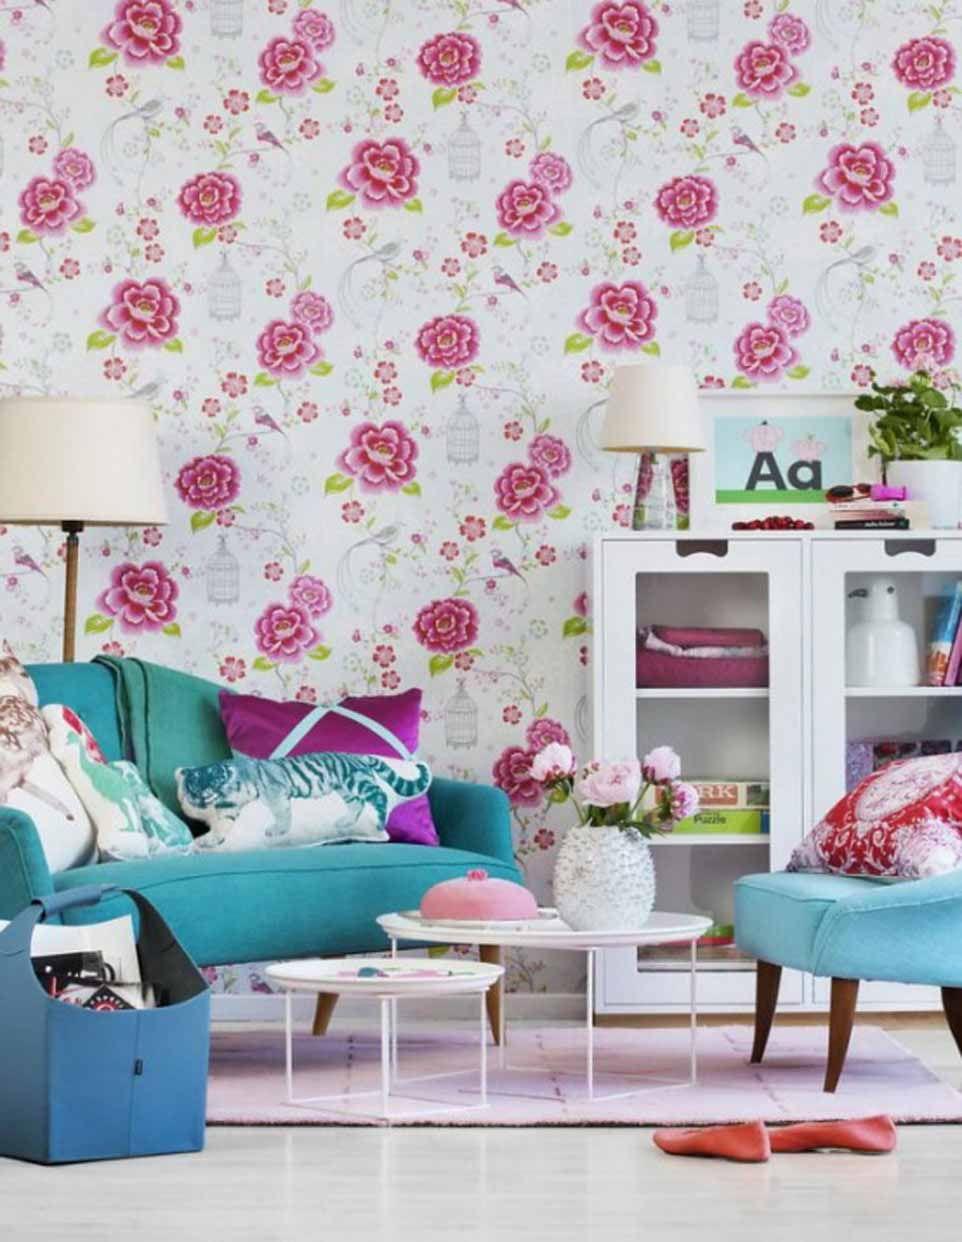 Contoh Gambar Wallpaper Dinding Rumah